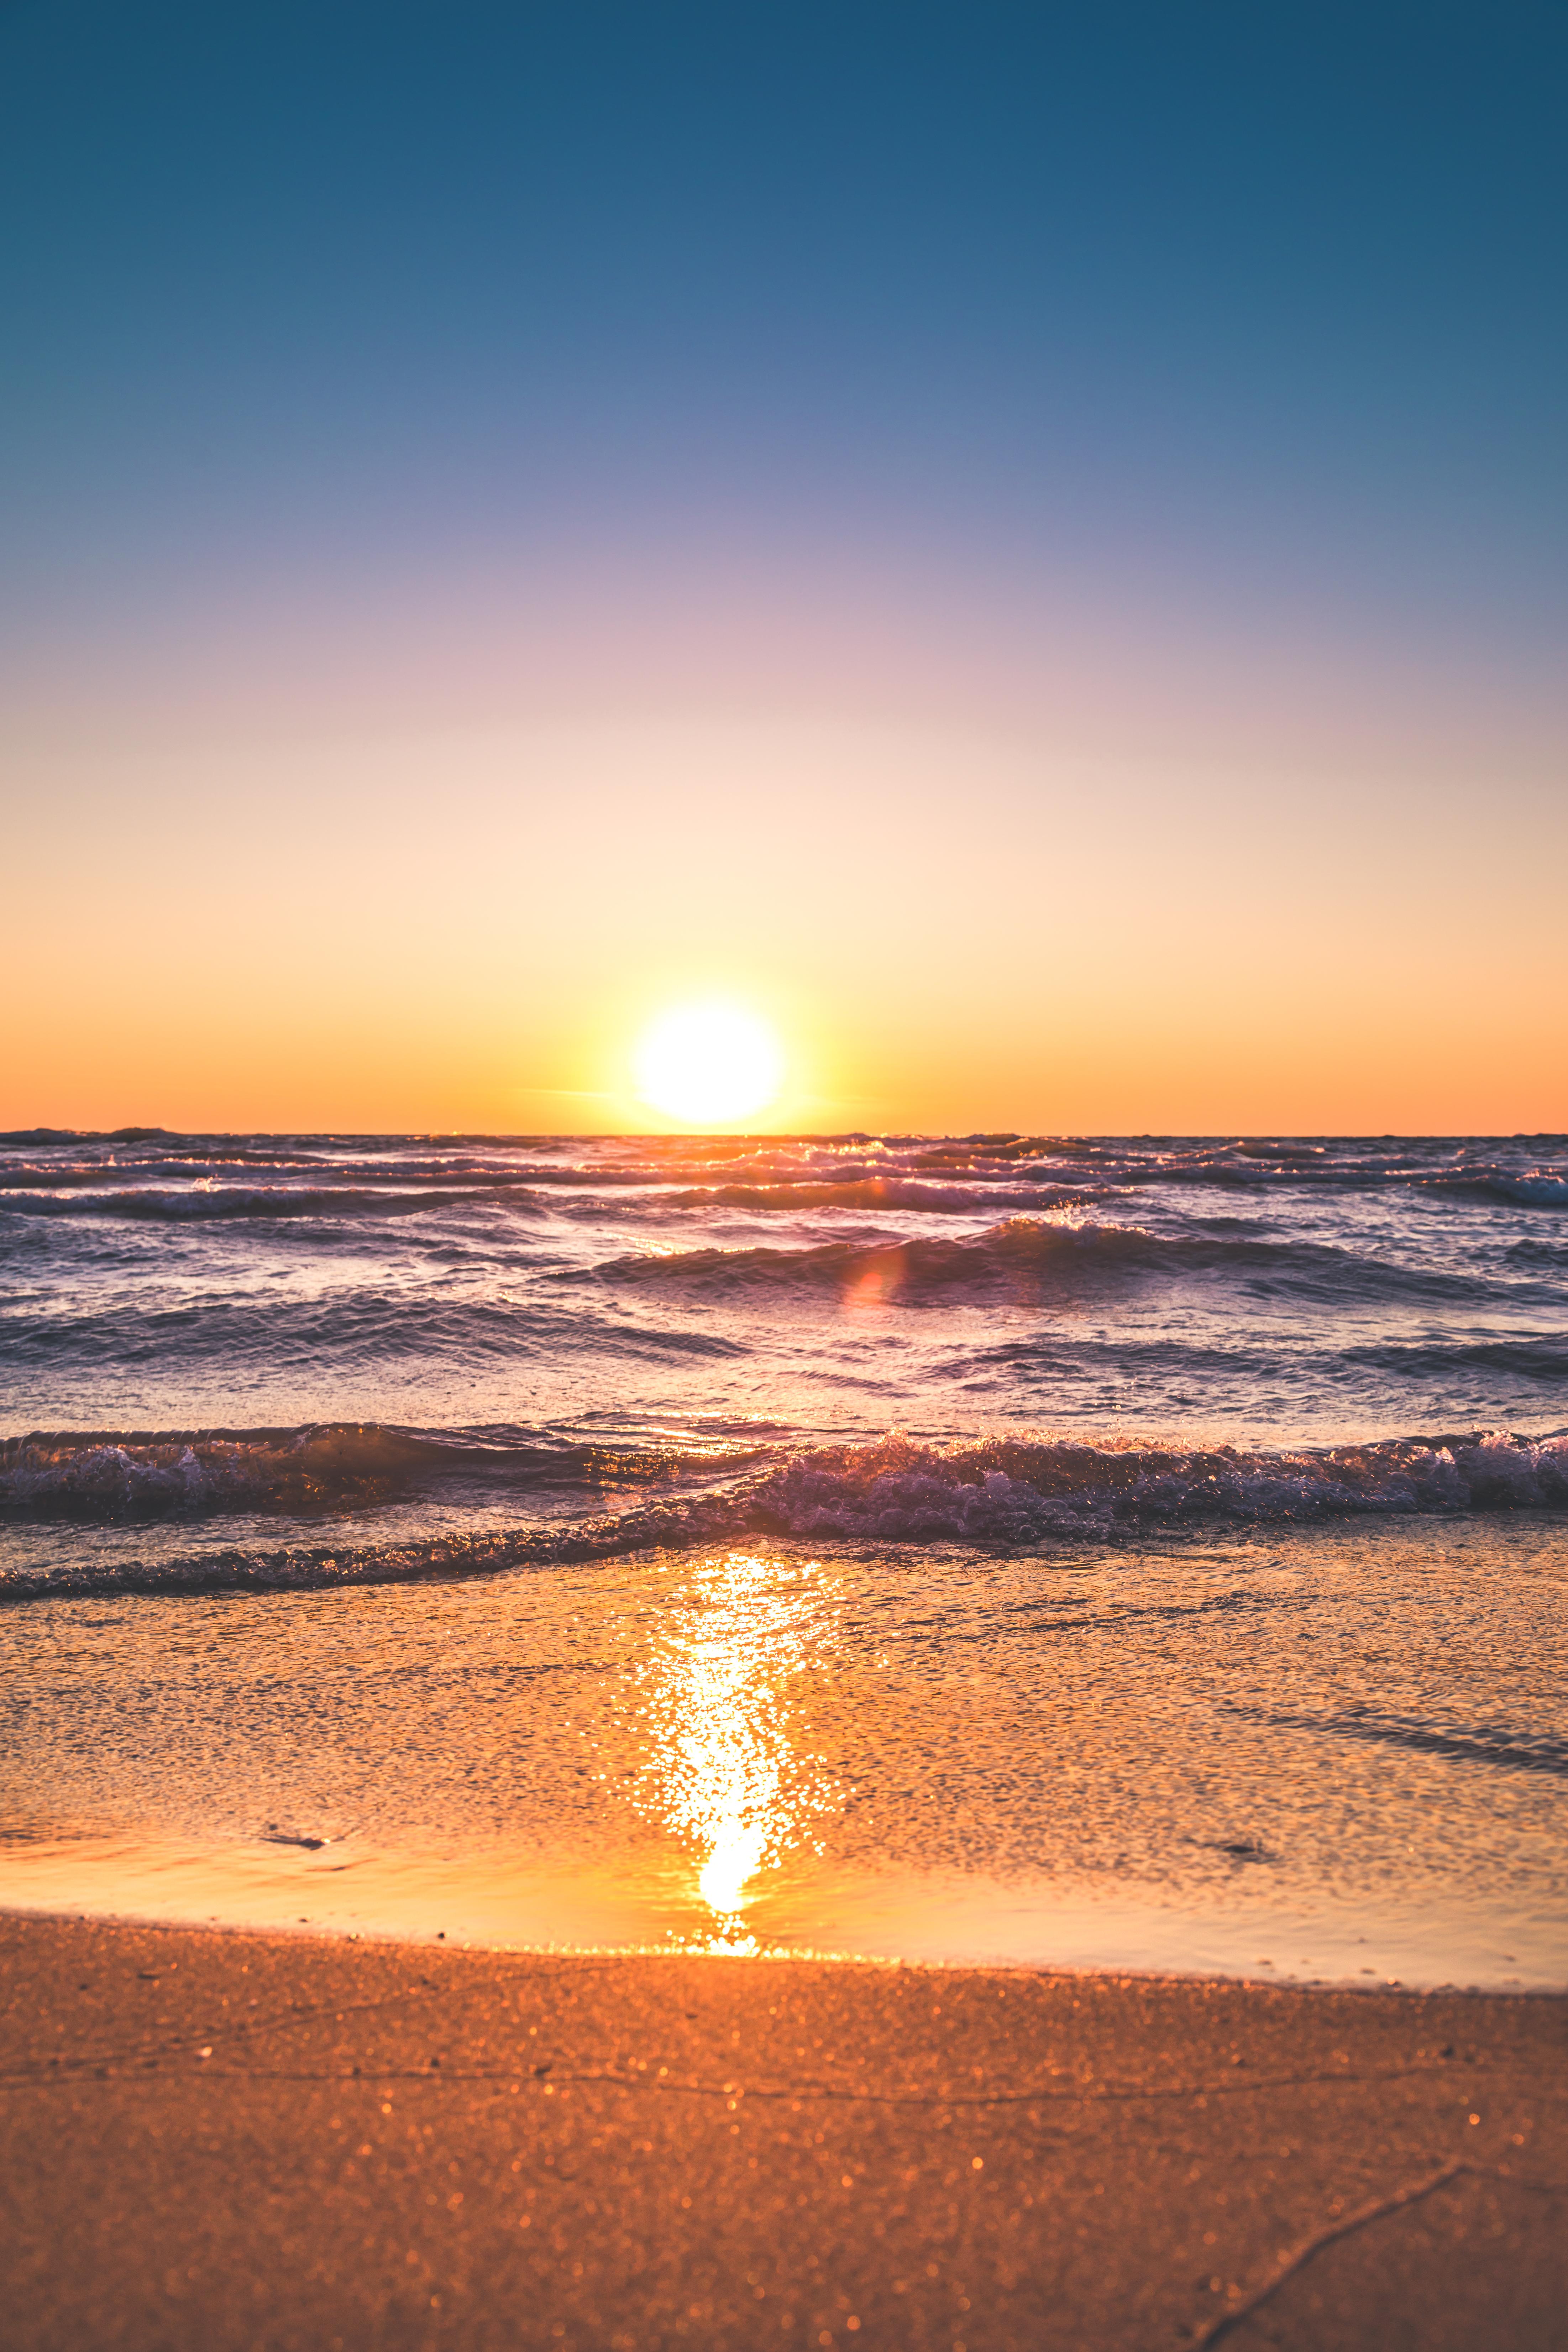 1000 Great Beach Sunset Photos  Pexels  Free Stock Photos